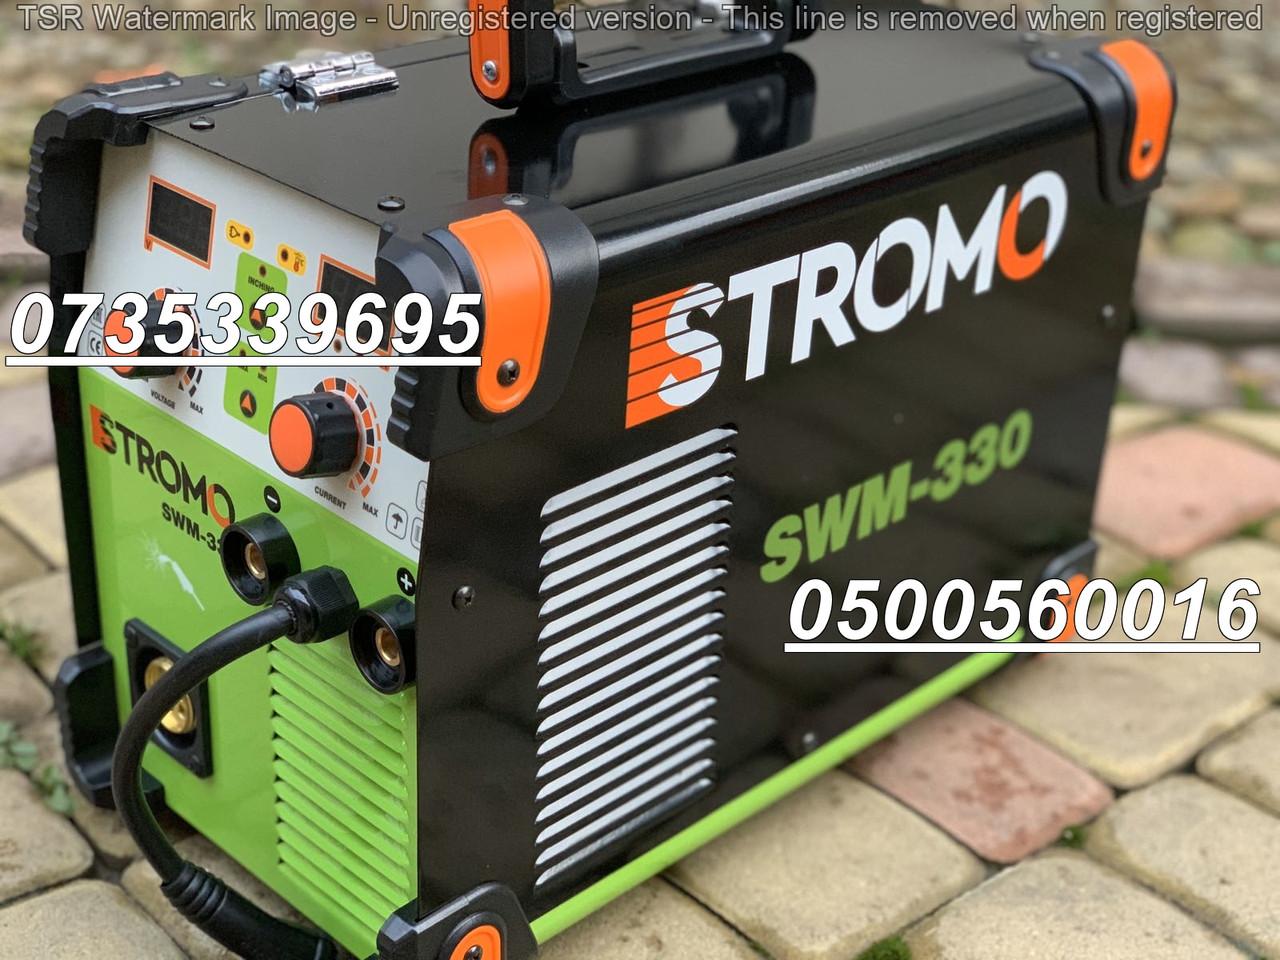 Полуавтомат Stromo SWM-330. Инверторный сварочный полуавтомат